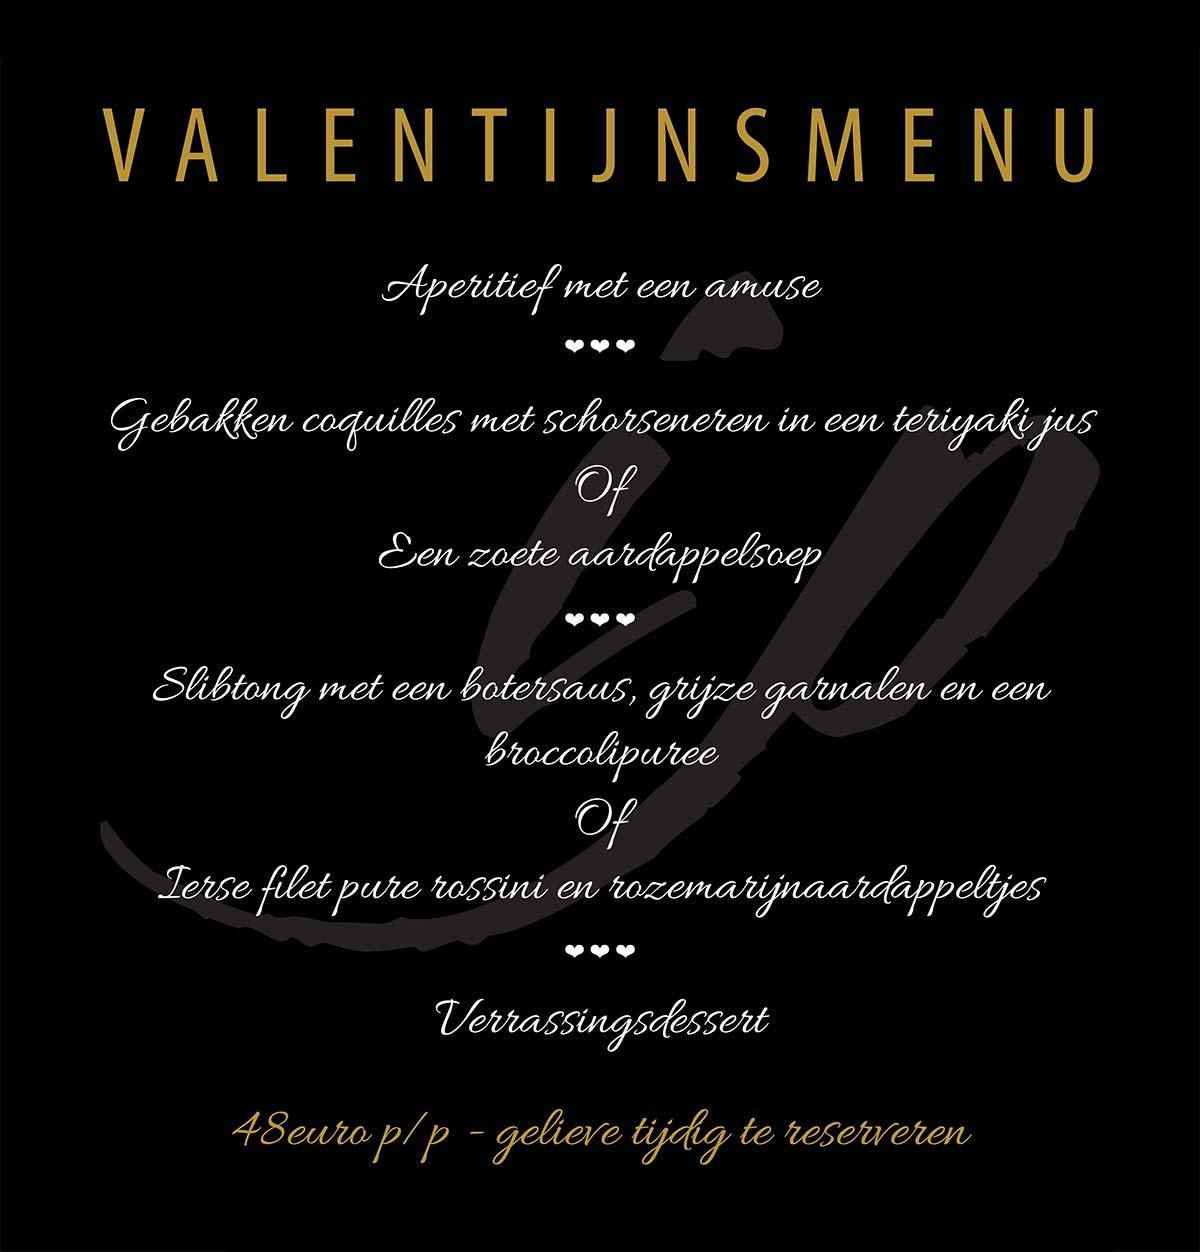 Valentijn menu 2018